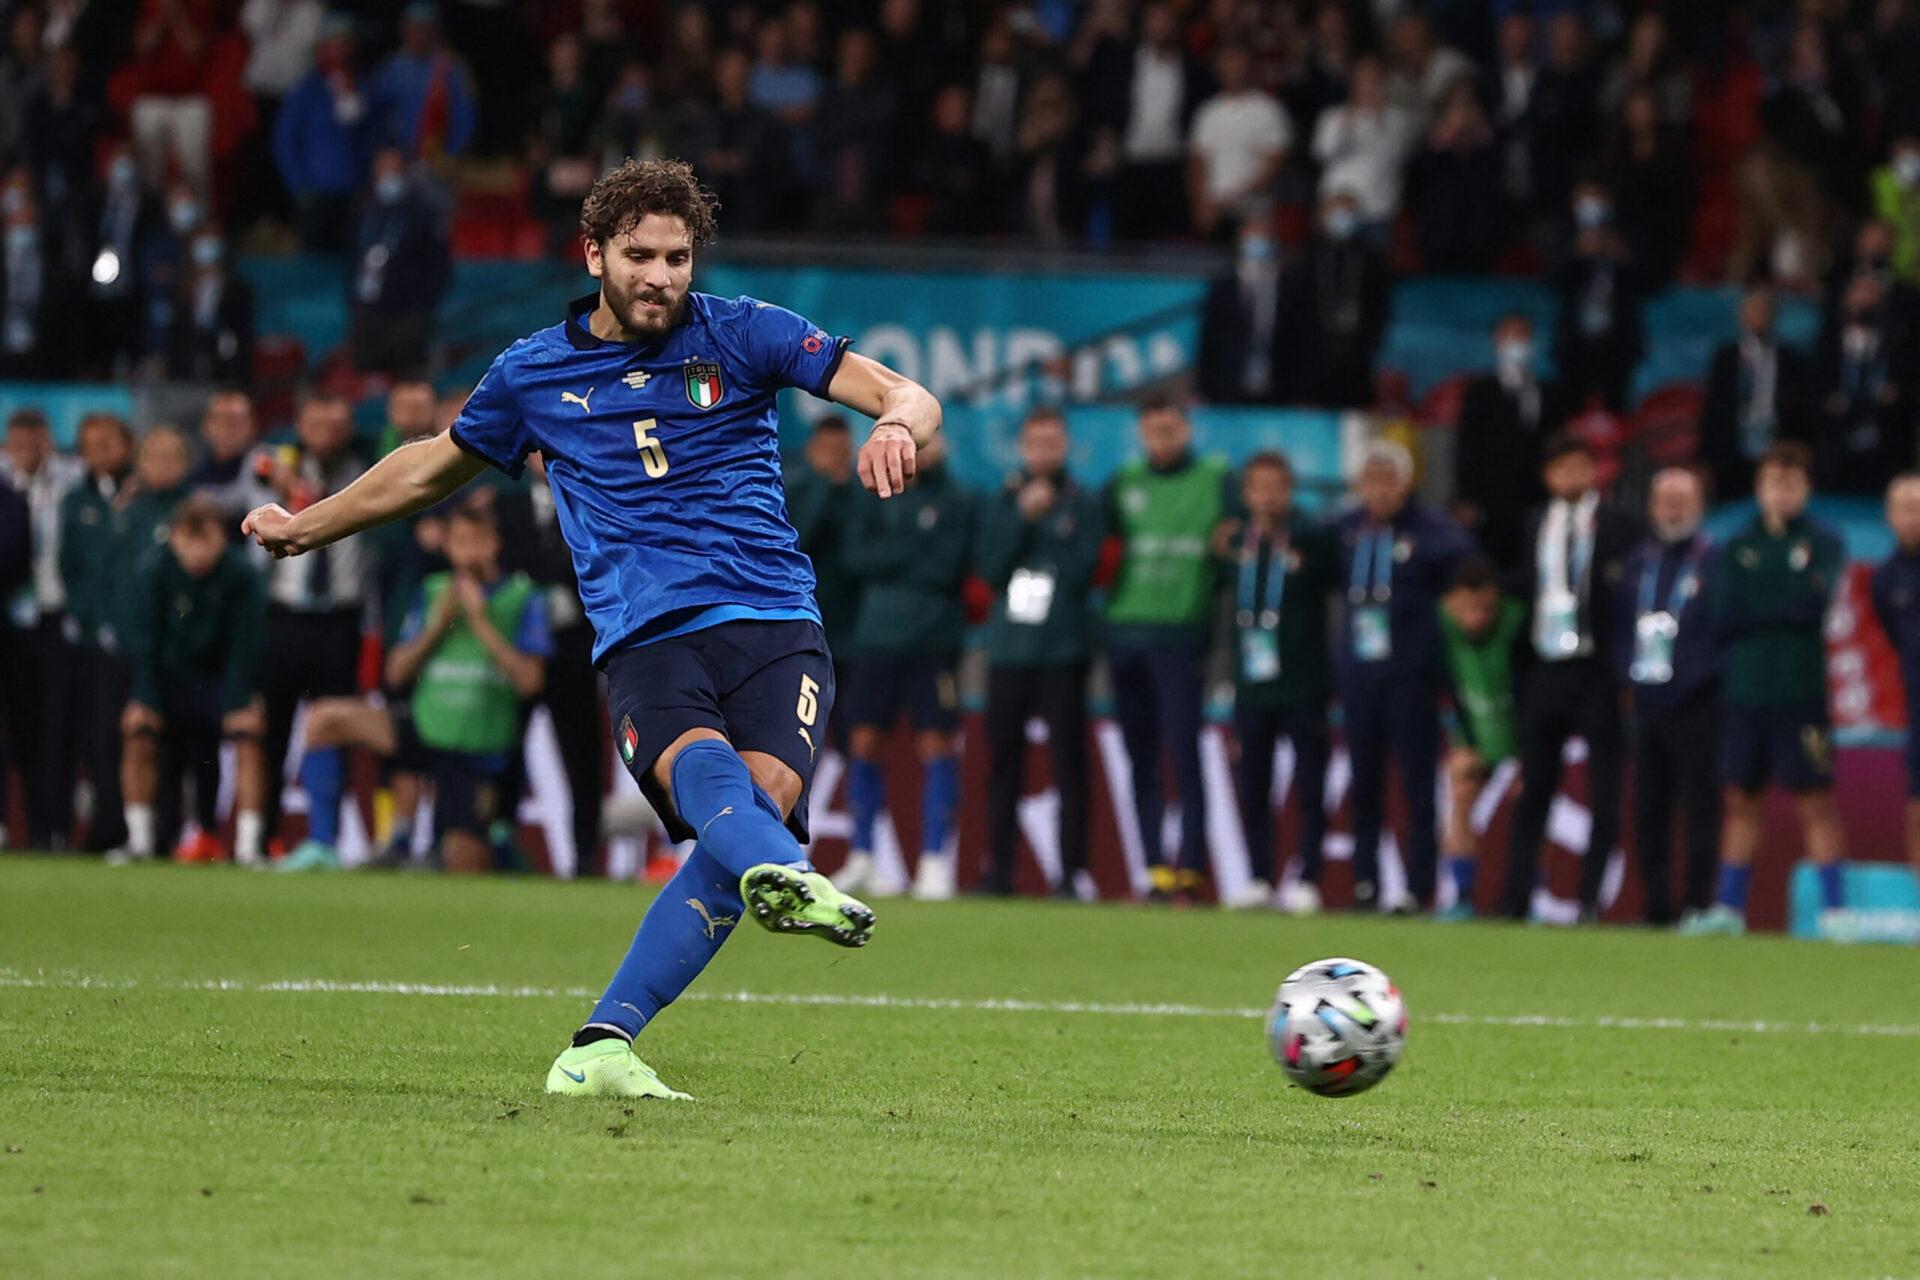 Manuel Locatelli, champion d'Europe avec l'Italie, est dans le viseur de la Juve. Icon Sport